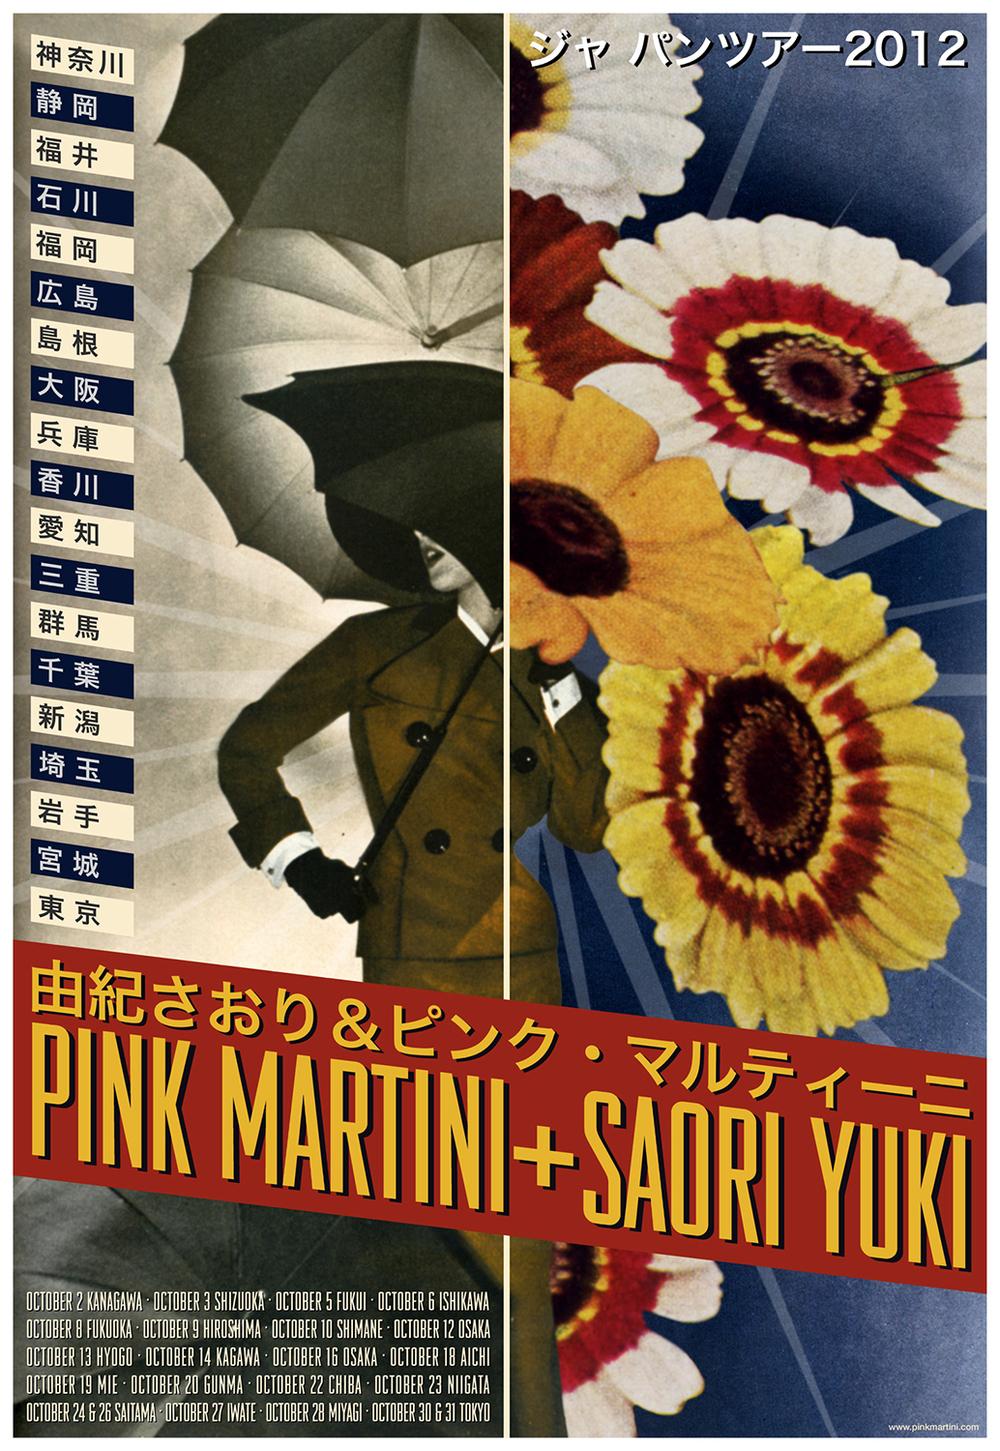 Pink Martini + Saori Yuki Japan Tour Poster